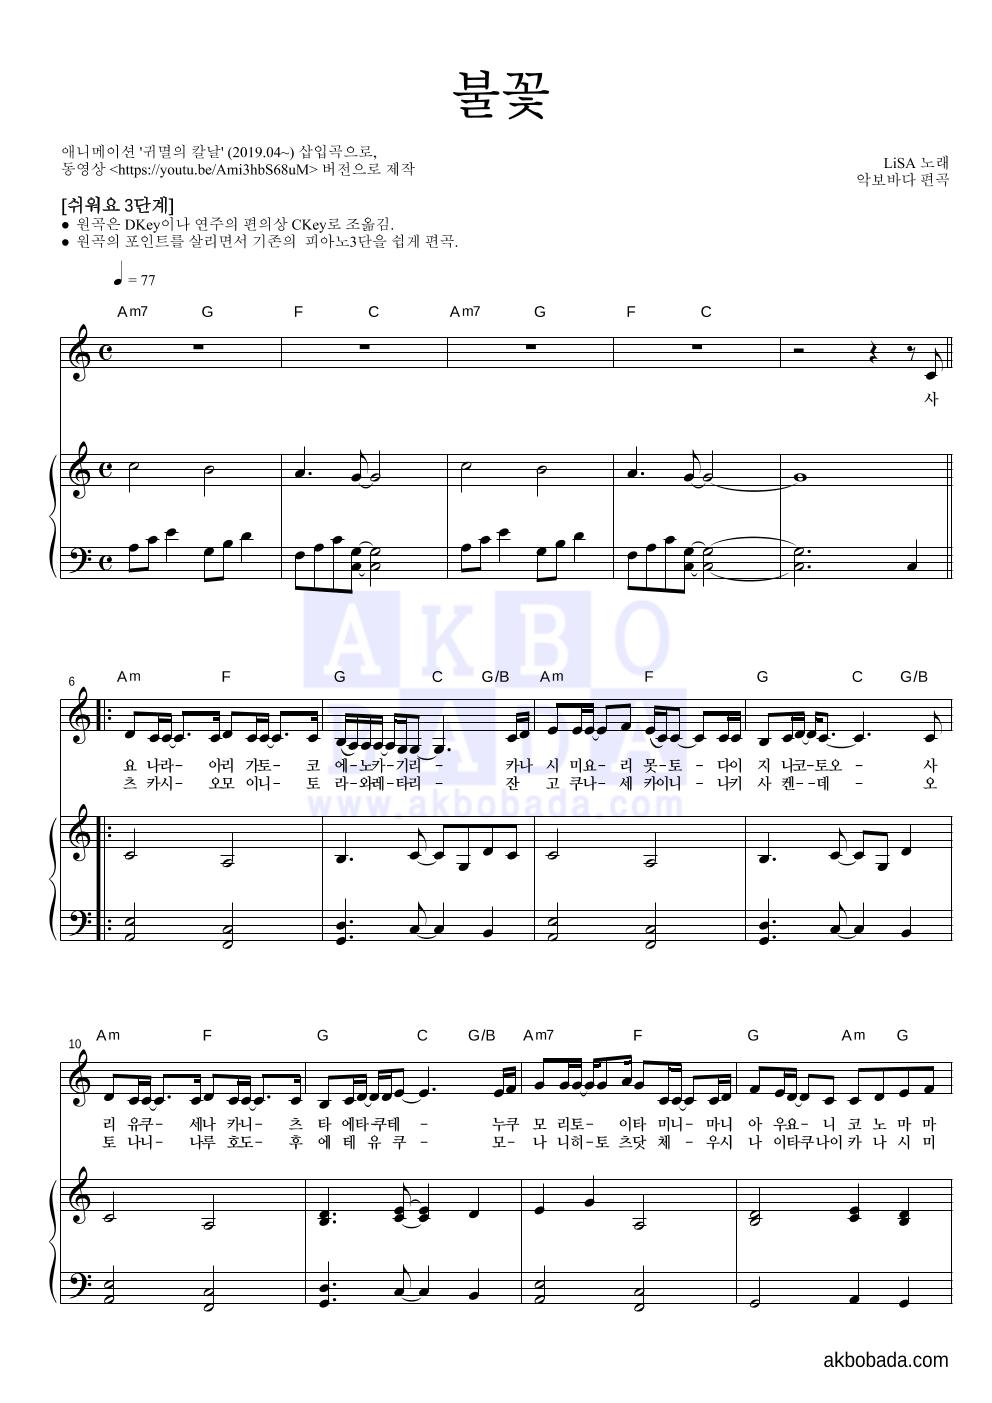 귀멸의 칼날 OST - 불꽃 피아노3단-쉬워요 악보